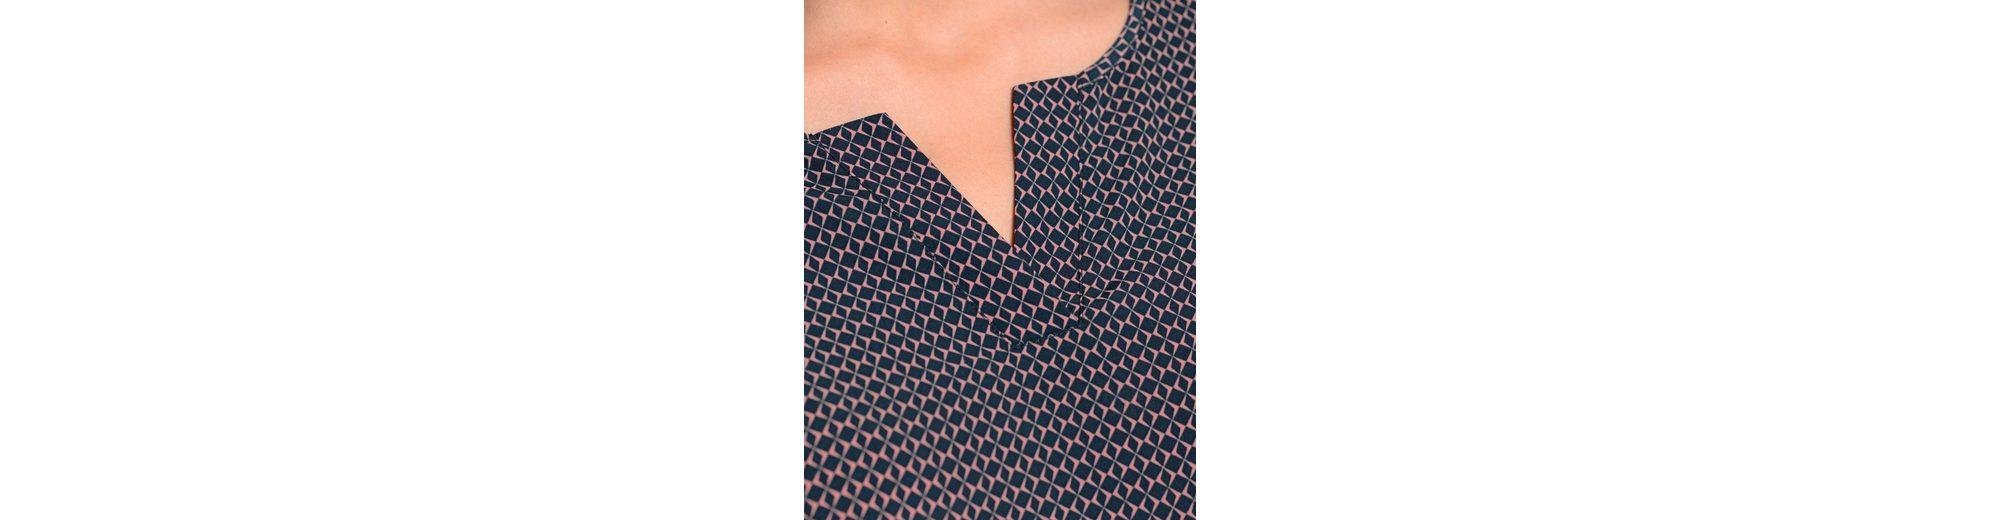 Moda exklusivem mit ALBA Moda exklusivem Alba MODA Alba MODA mit Print Print Bluse ALBA Bluse wIqxAa